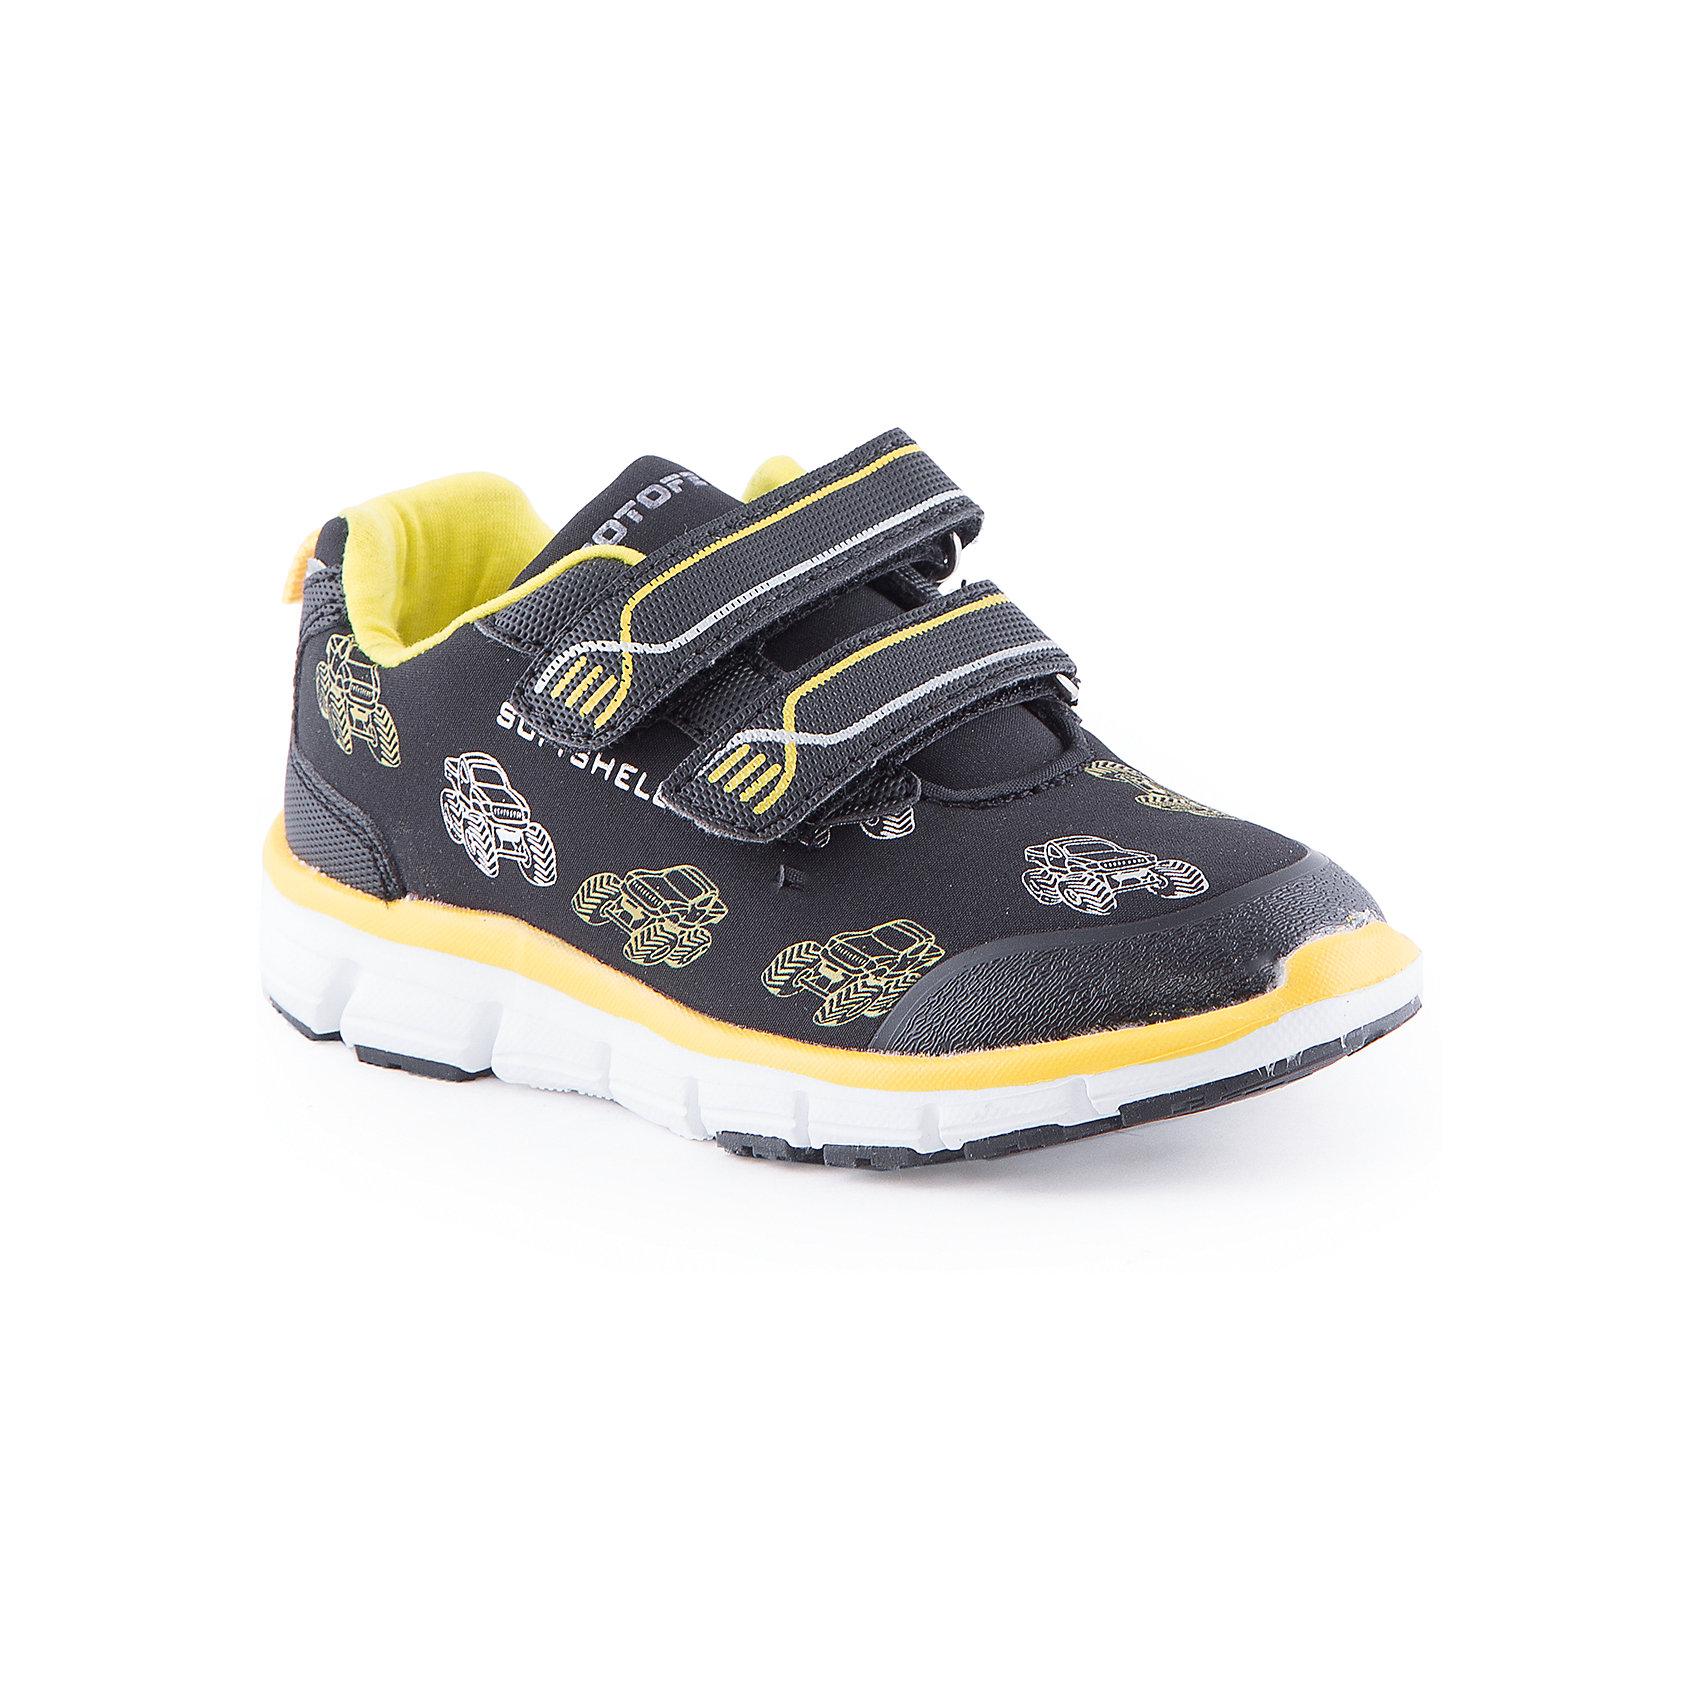 Кроссовки для мальчика КотофейКроссовки<br>Полуботинки для мальчика от известного российского бренда Котофей <br><br>Модные яркие полуботинки помогут защитить детские ножки от прохлады и обеспечат удобство. Они легко надеваются, комфортно садятся по ноге. <br>Изделия украшены яркими желтыми элементами.<br><br>Особенности модели:<br><br>- цвет - черный;<br>- декорированы принтом;<br>- верх - дышащий;<br>- вид крепления – клеевой;<br>- защита пальцев;<br>- амортизирующая устойчивая подошва;<br>- застежка - липучки.<br><br>Дополнительная информация:<br><br>Температурный режим:<br><br>от +10° С до +20° С<br><br>Состав:<br>верх – комбинированный материал;<br>подкладка - комбинированный материал;<br>подошва - филон+ТЭП.<br><br>Полуботинки для мальчика Котофей можно купить в нашем магазине.<br><br>Ширина мм: 262<br>Глубина мм: 176<br>Высота мм: 97<br>Вес г: 427<br>Цвет: черный<br>Возраст от месяцев: 24<br>Возраст до месяцев: 24<br>Пол: Мужской<br>Возраст: Детский<br>Размер: 25,30,29,26,28,27<br>SKU: 4565851